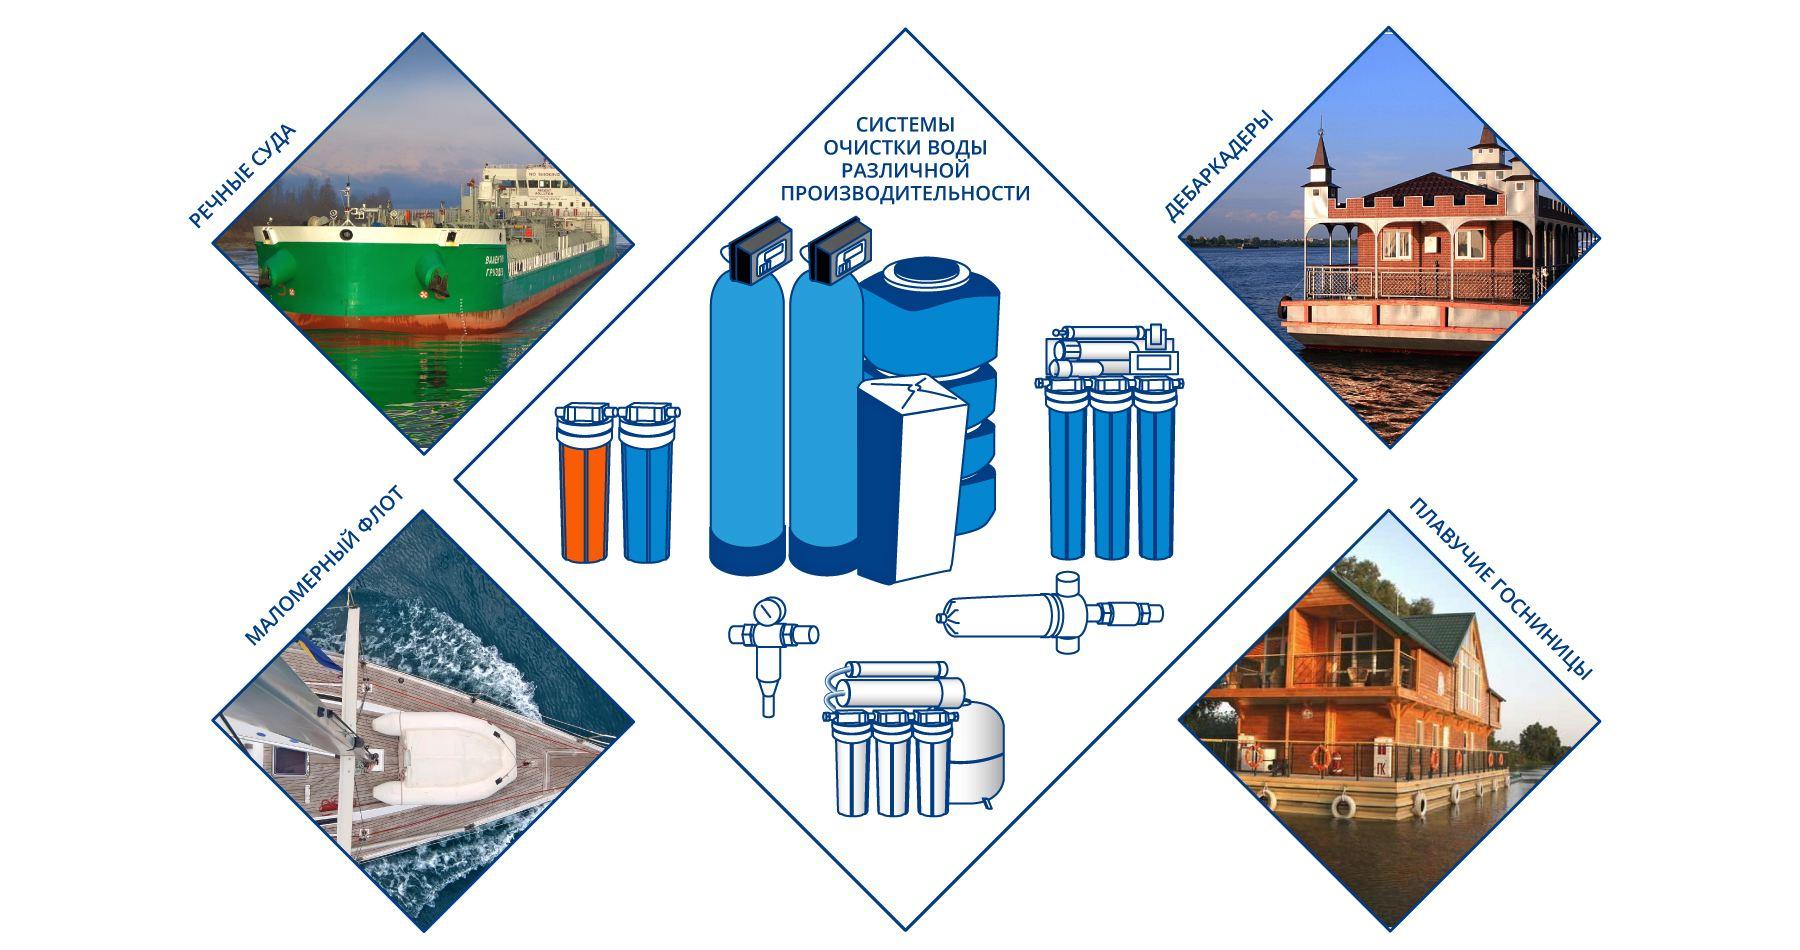 Системы водоснабжения и водопоготовки портов, причальных сооружений, дебаркадеров, гостиниц на воде